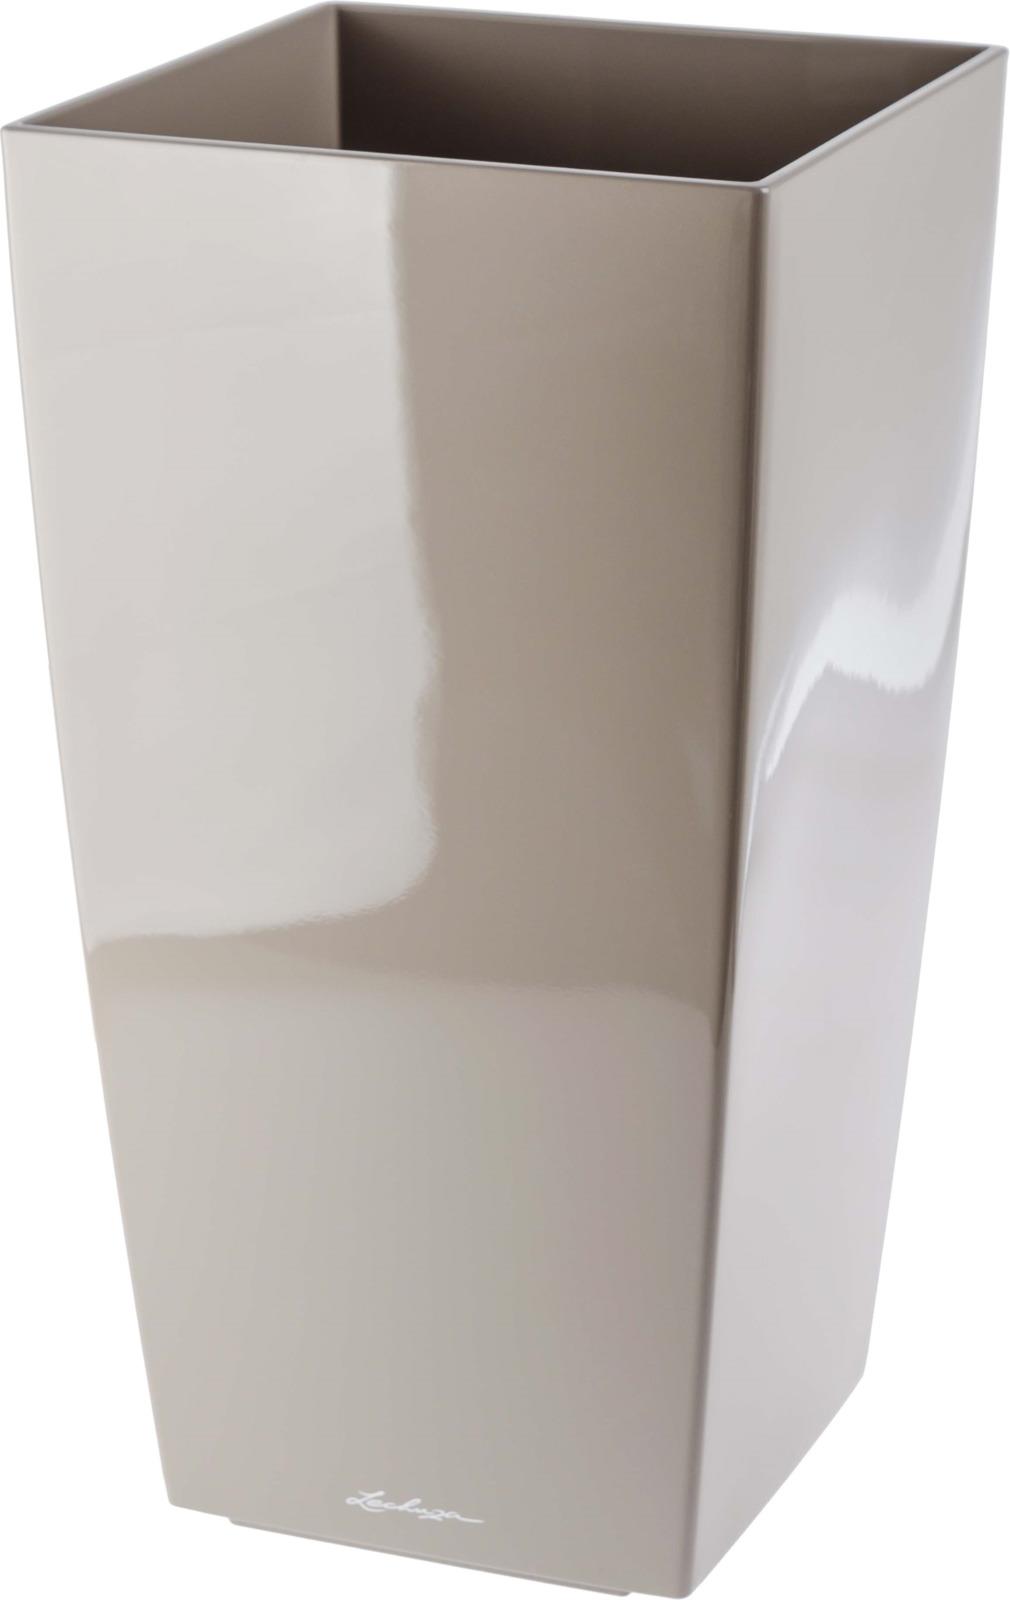 Фото - Кашпо Lechuza Cubico Complete, белый, 40 х 40 х 75 см, 4008789182159 авто